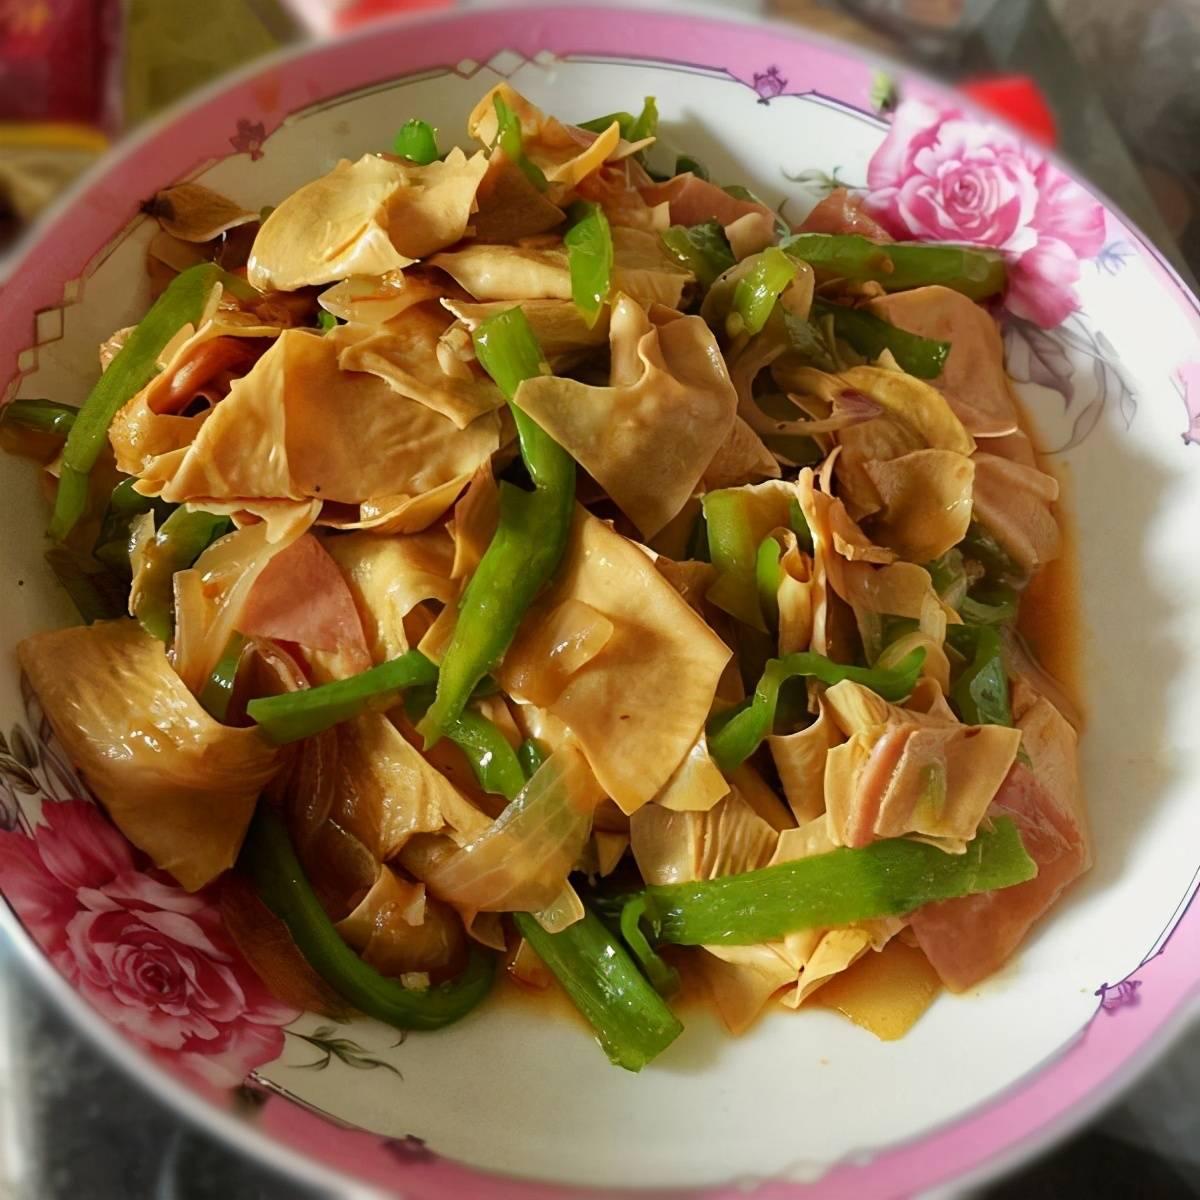 美食推荐:酸黄瓜炒兔心、擂辣椒土豆藕、粉皮辣鱼制作方法  土豆粉怎样制作粉皮